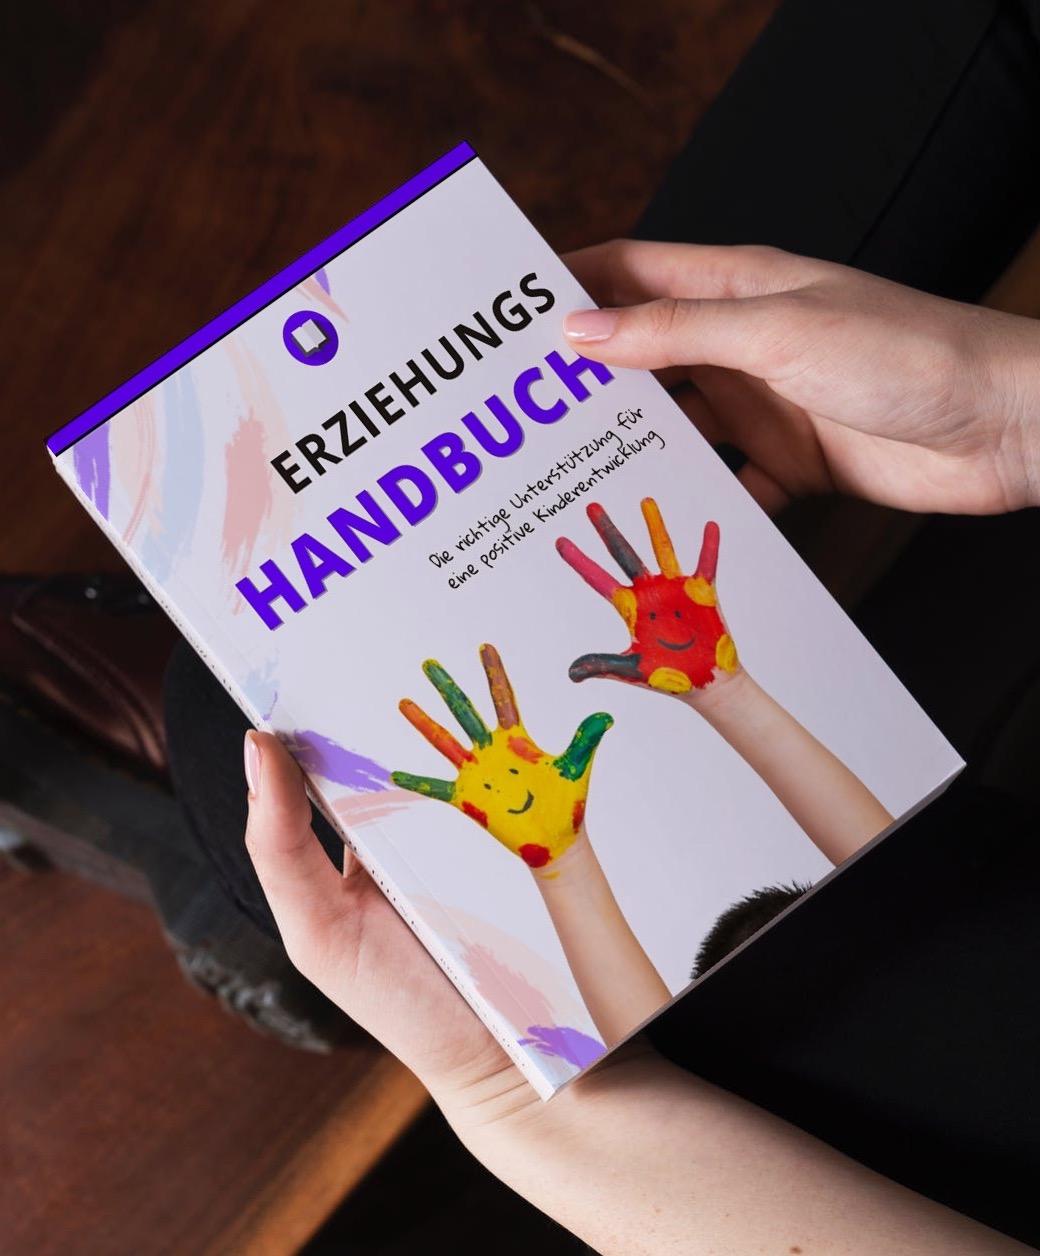 Frau hält das Erziehung Handbuch in den Händen